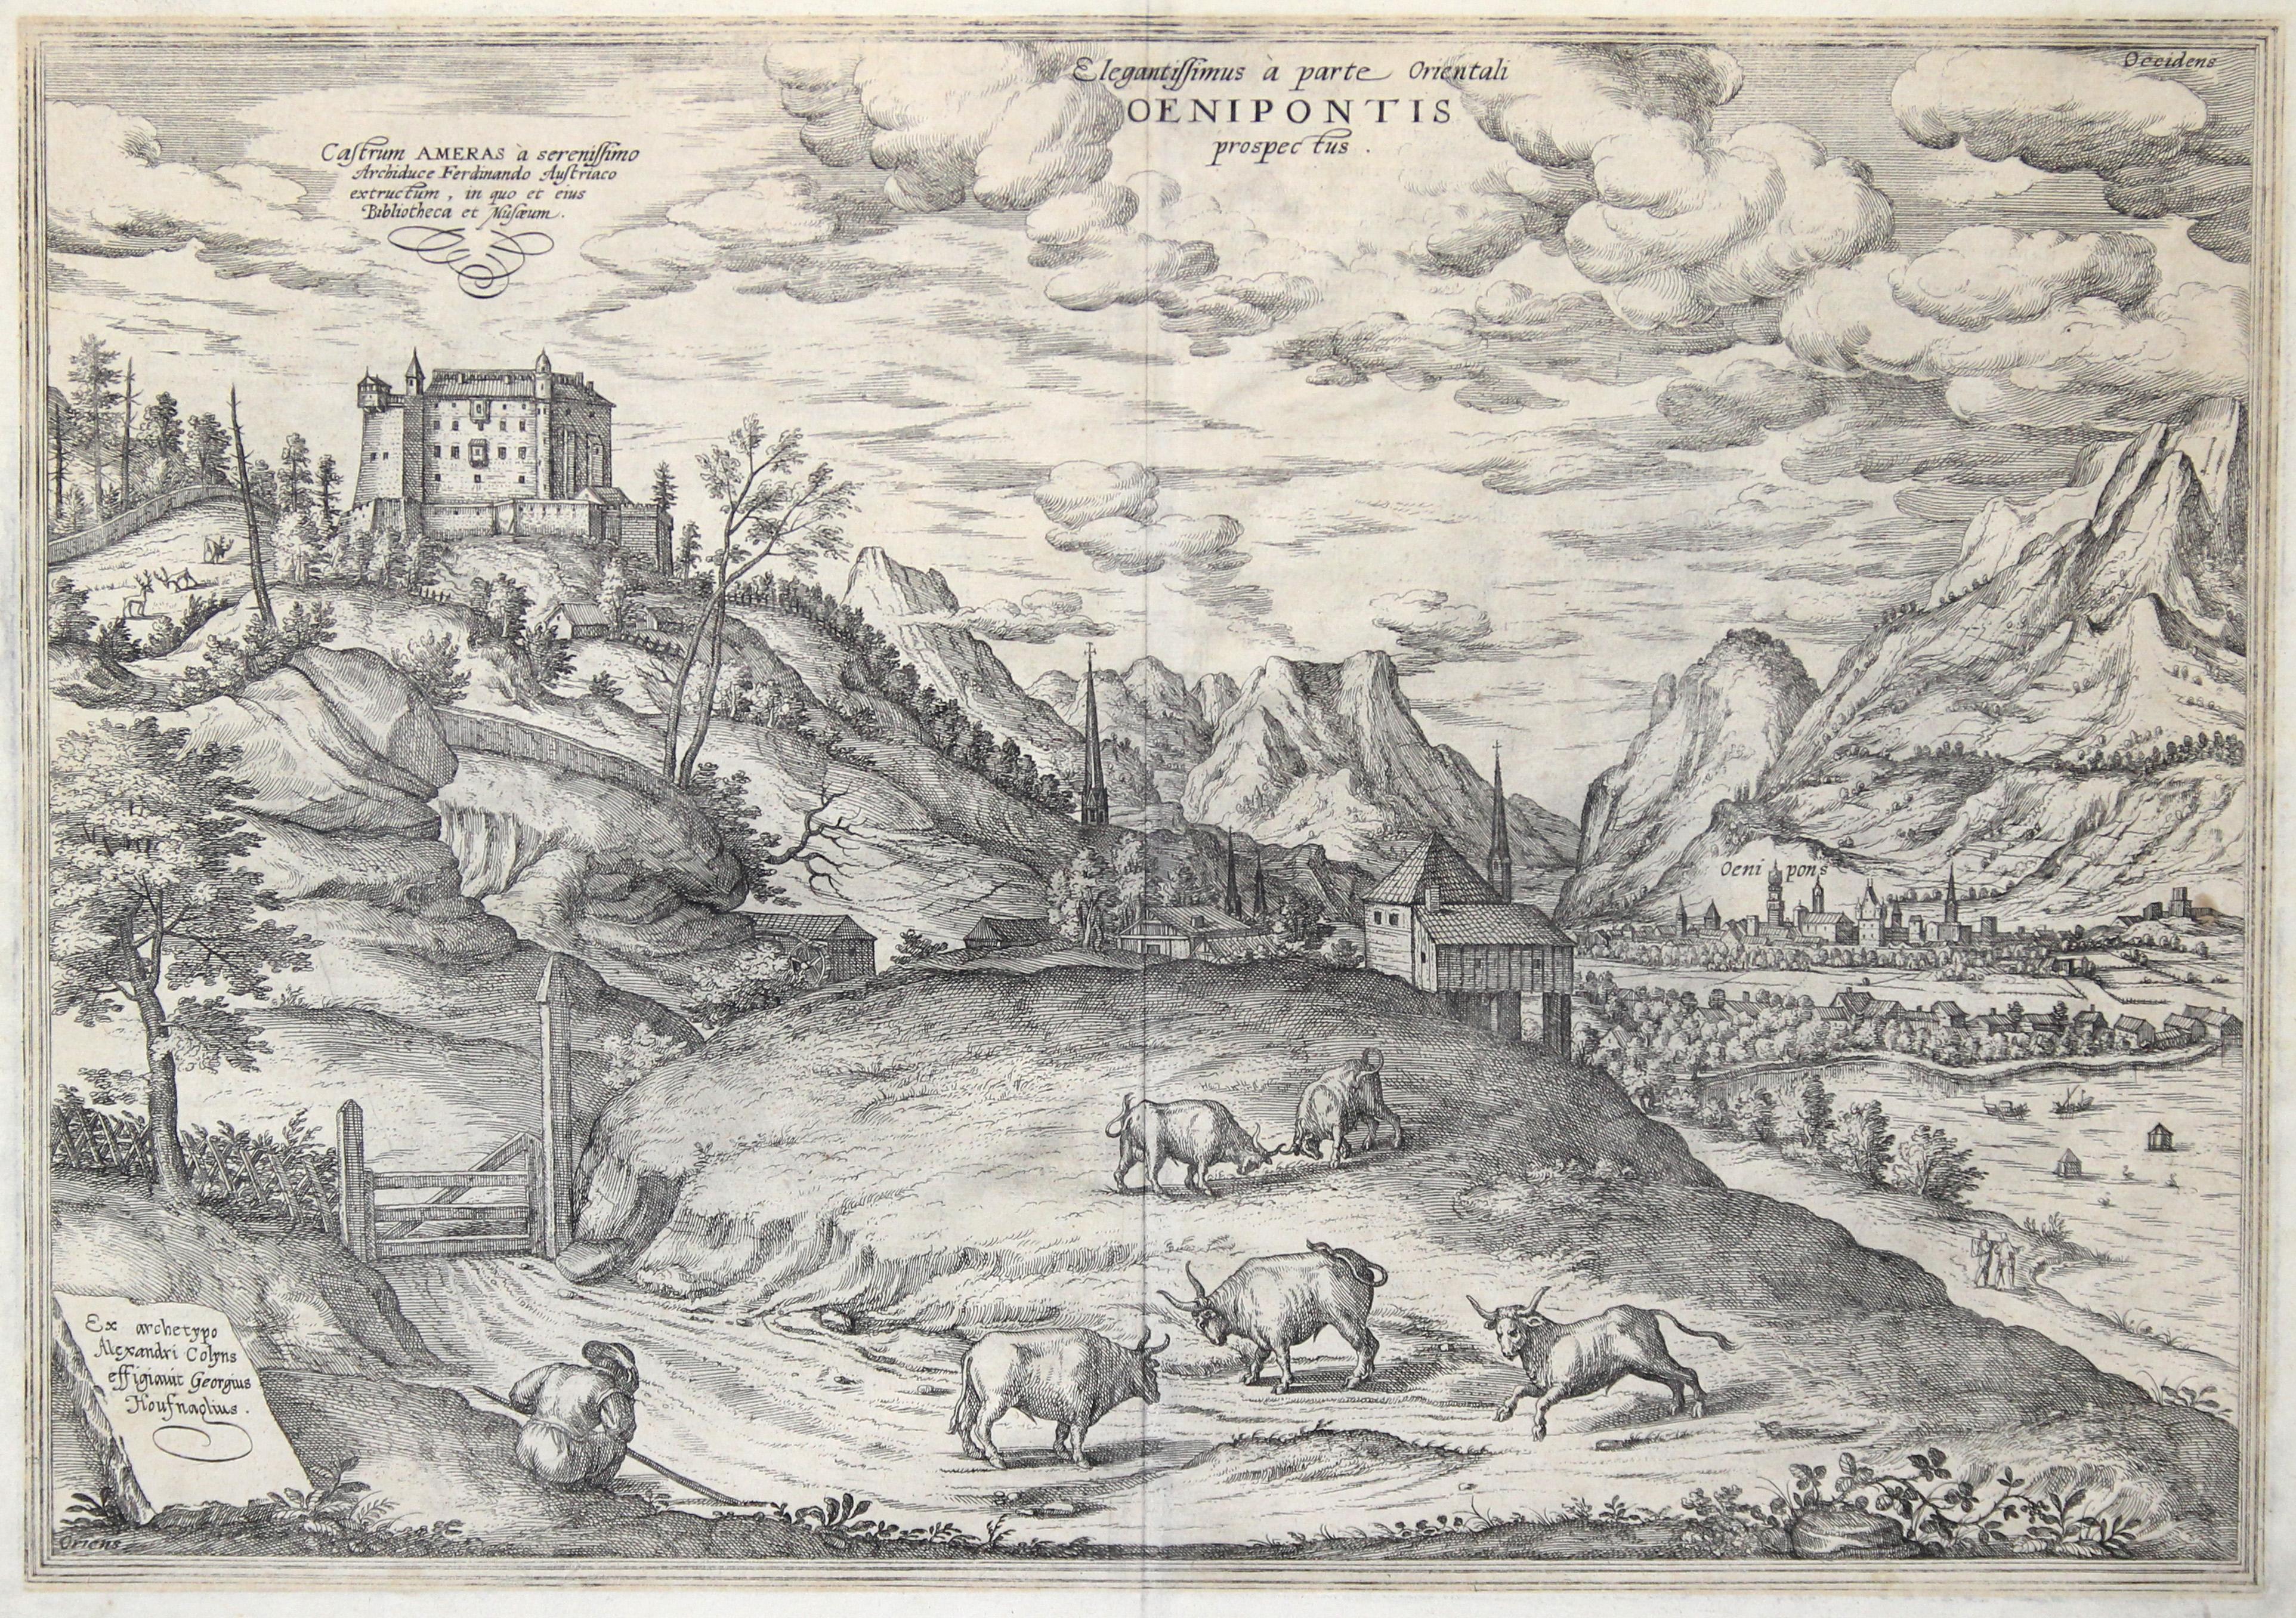 G. Hoefnagel nach einer Skizze von Alexander Colin aus Braun-Hogenberg, 1598,  33,3 x 42,5 Nebehay-Wagner 108/V/58, Adelsberger, Die Stadtvedute  Innsbrucks ...